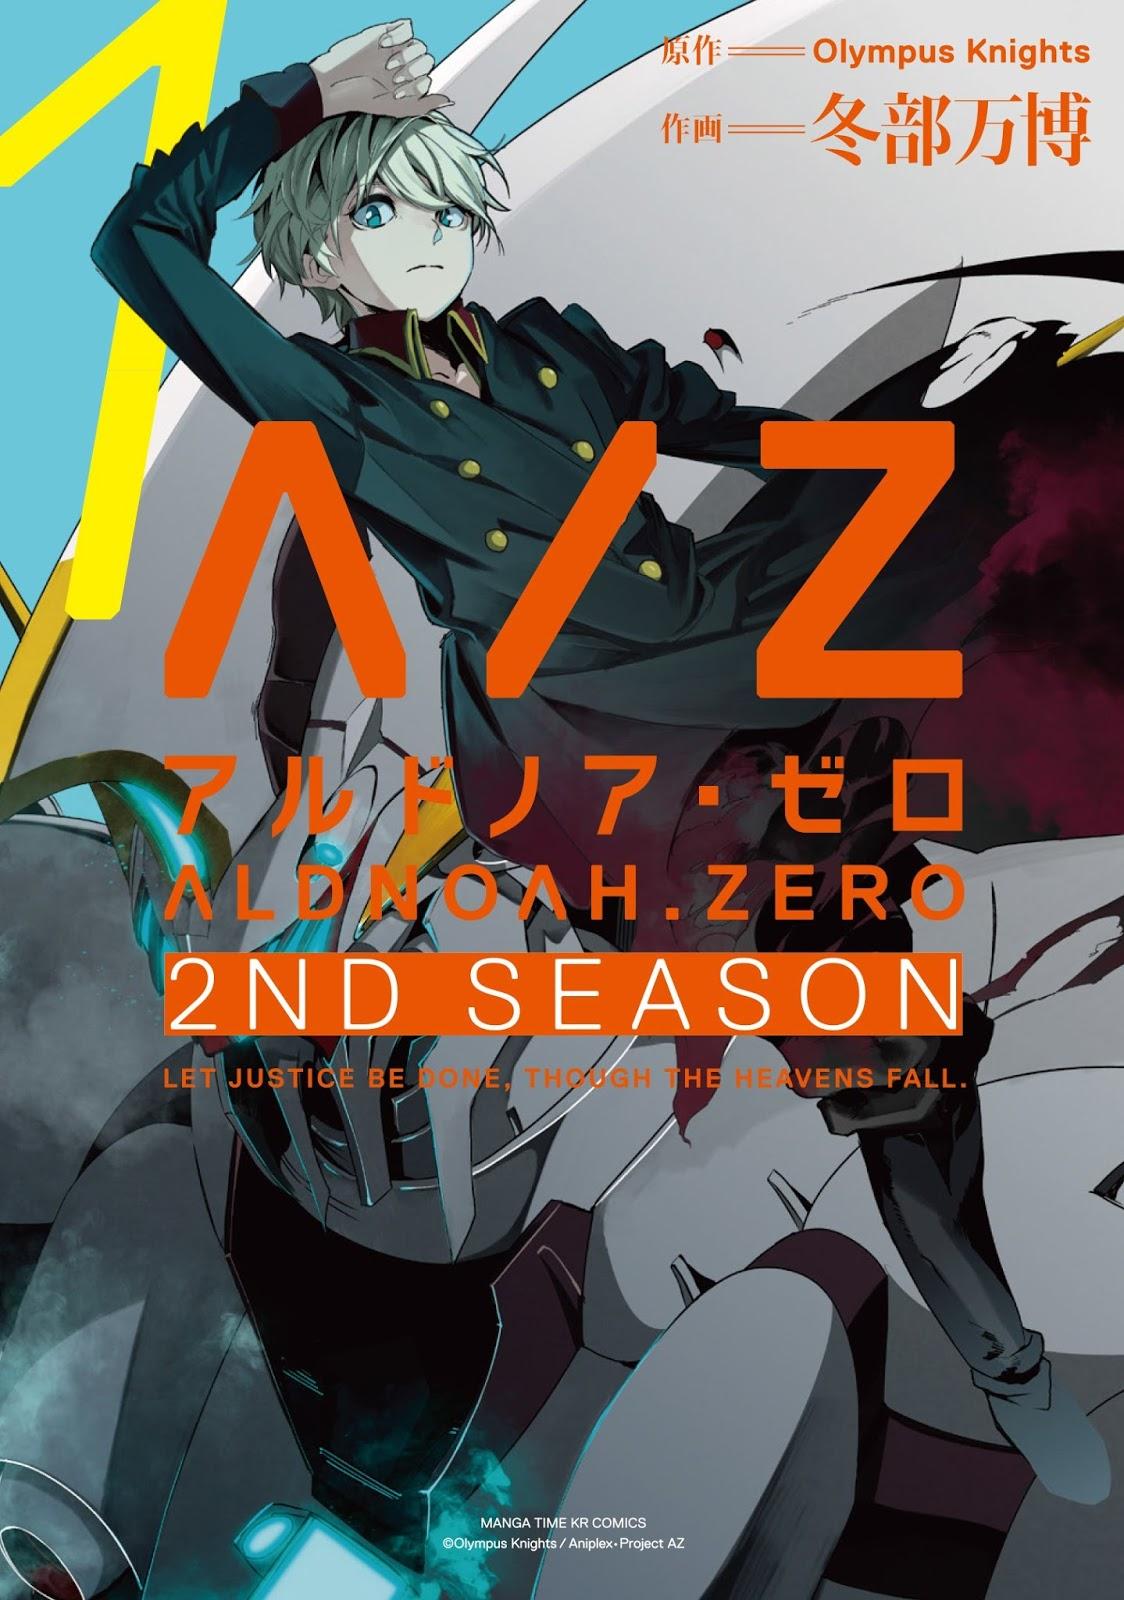 AldnoahZero Season 2 BD Subtitle Indonesia Eps 01